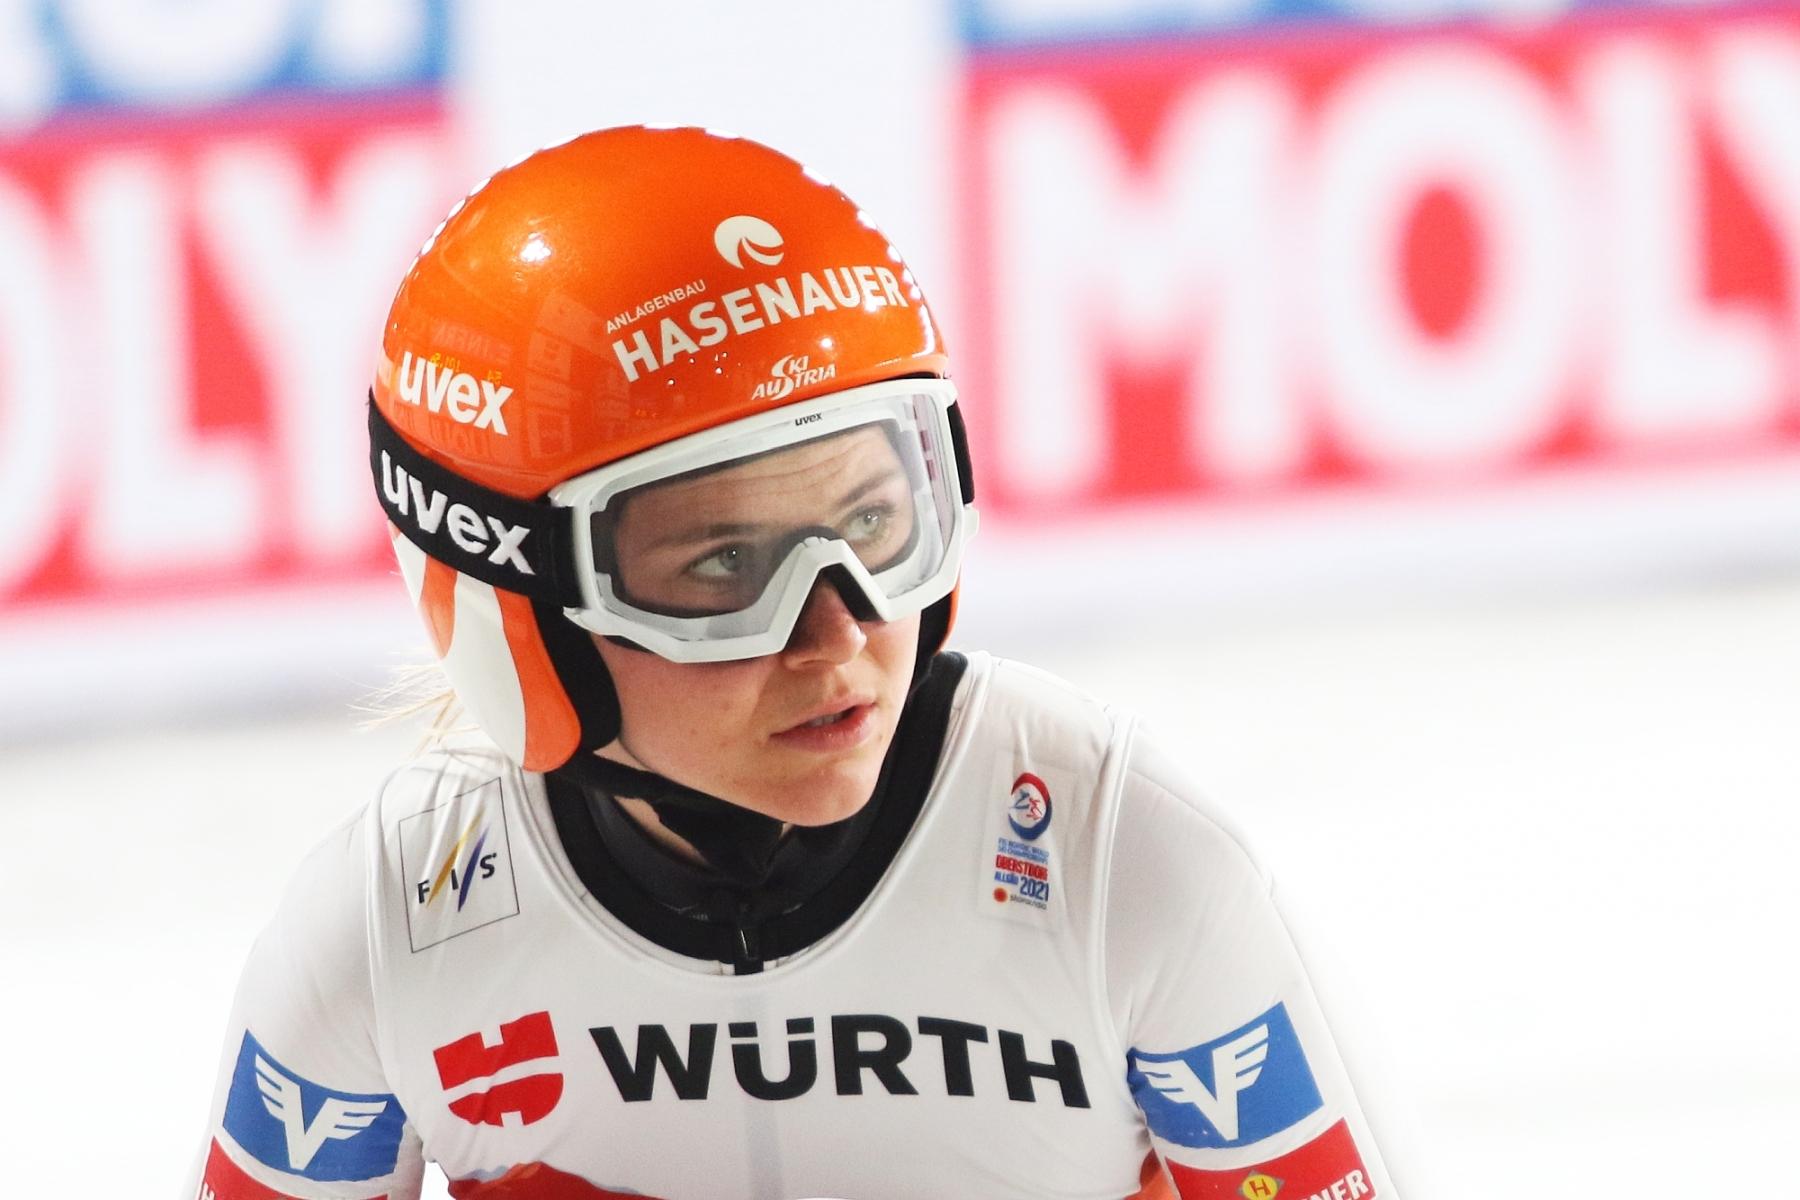 MŚ Oberstdorf: Kramer odlatuje rywalkom w kwalifikacjach, komplet Polek w konkursie!